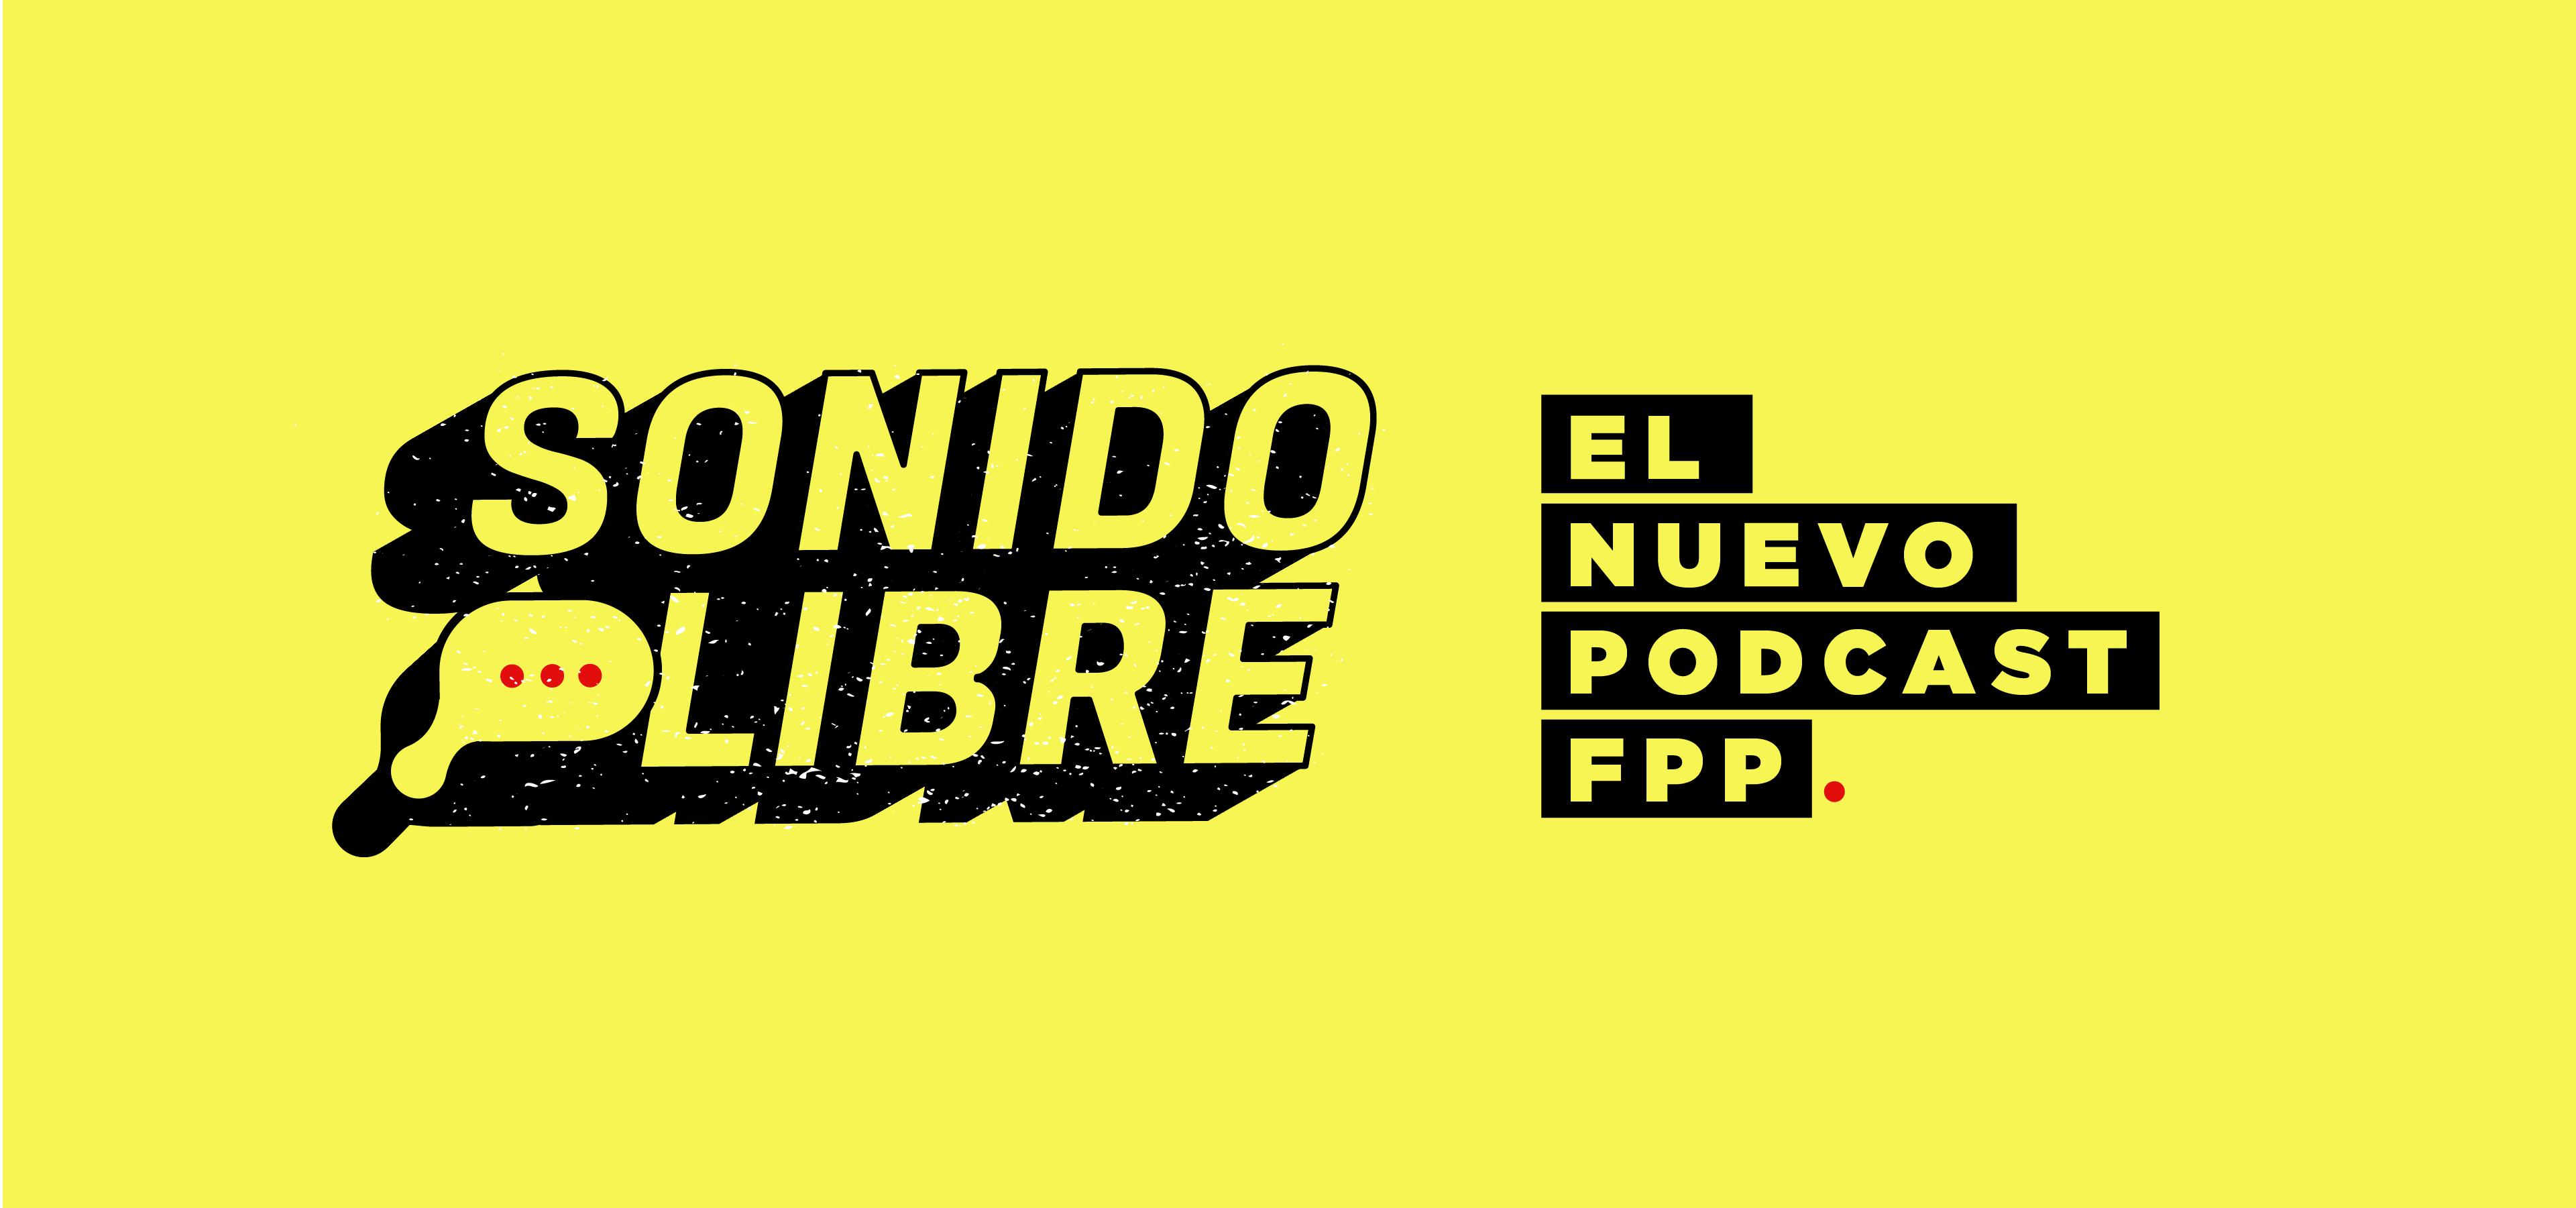 Sonido Libre es la nueva plataforma podcast de la Fundación para el Progreso FPP